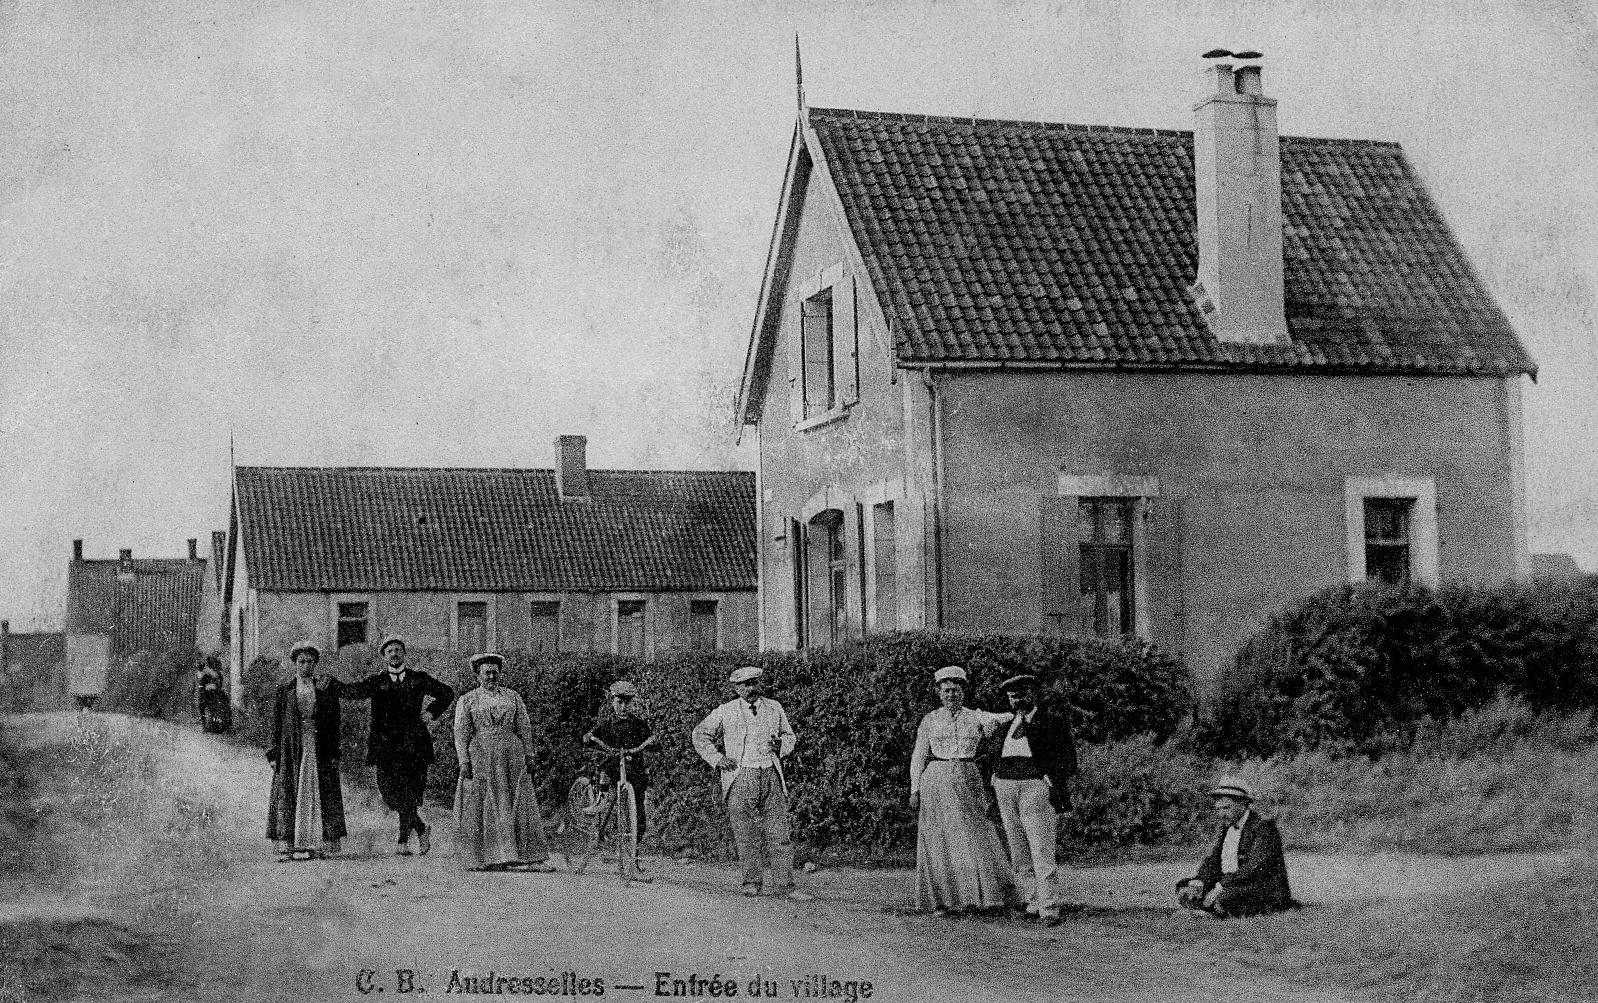 Audresselles l'entrée du village